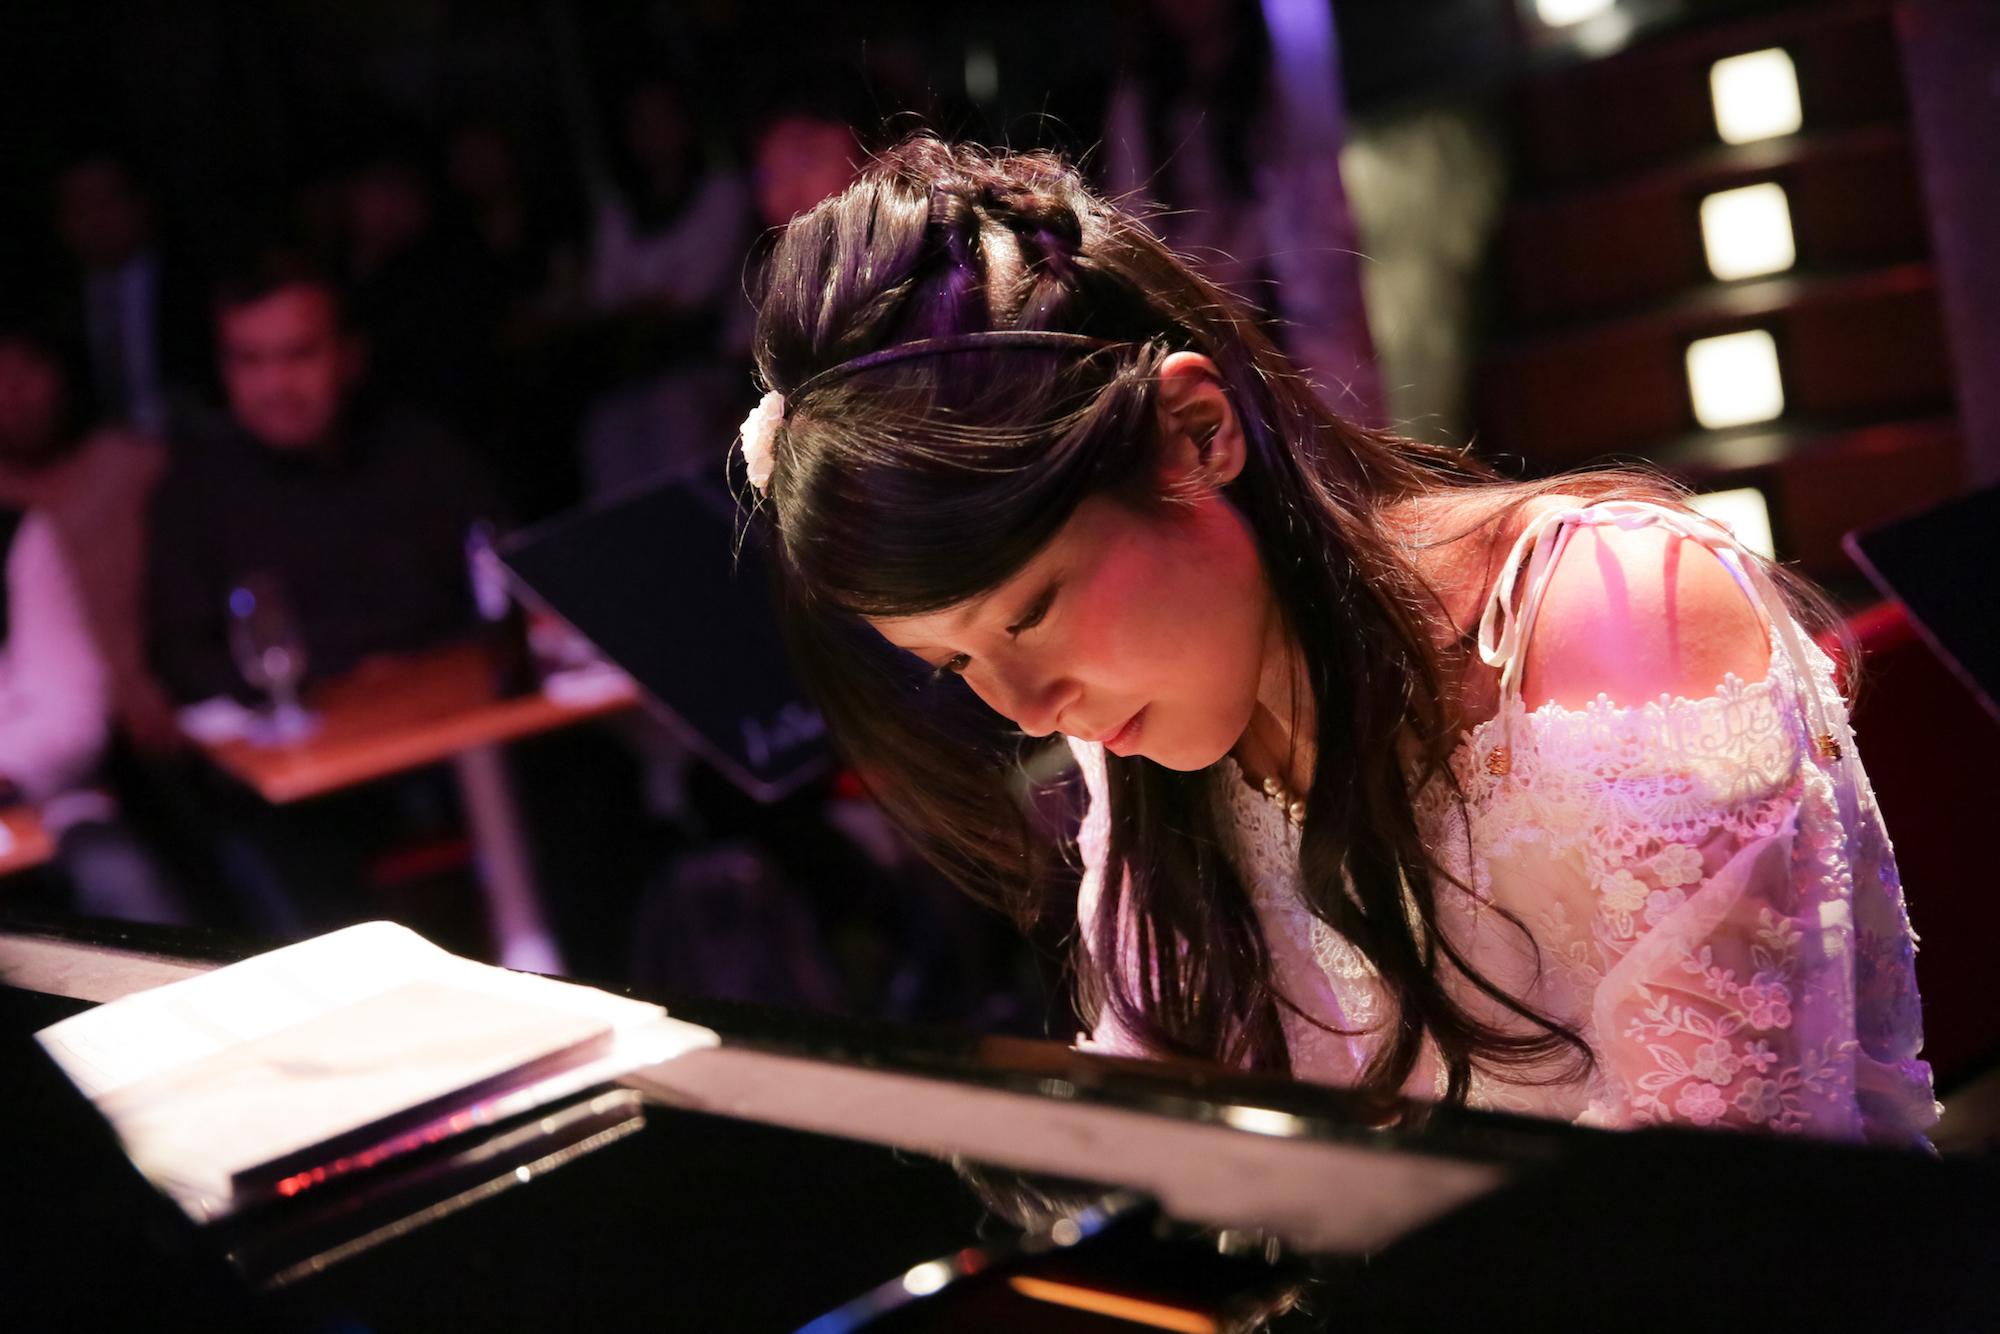 ヒーリング・ジャズピアノ